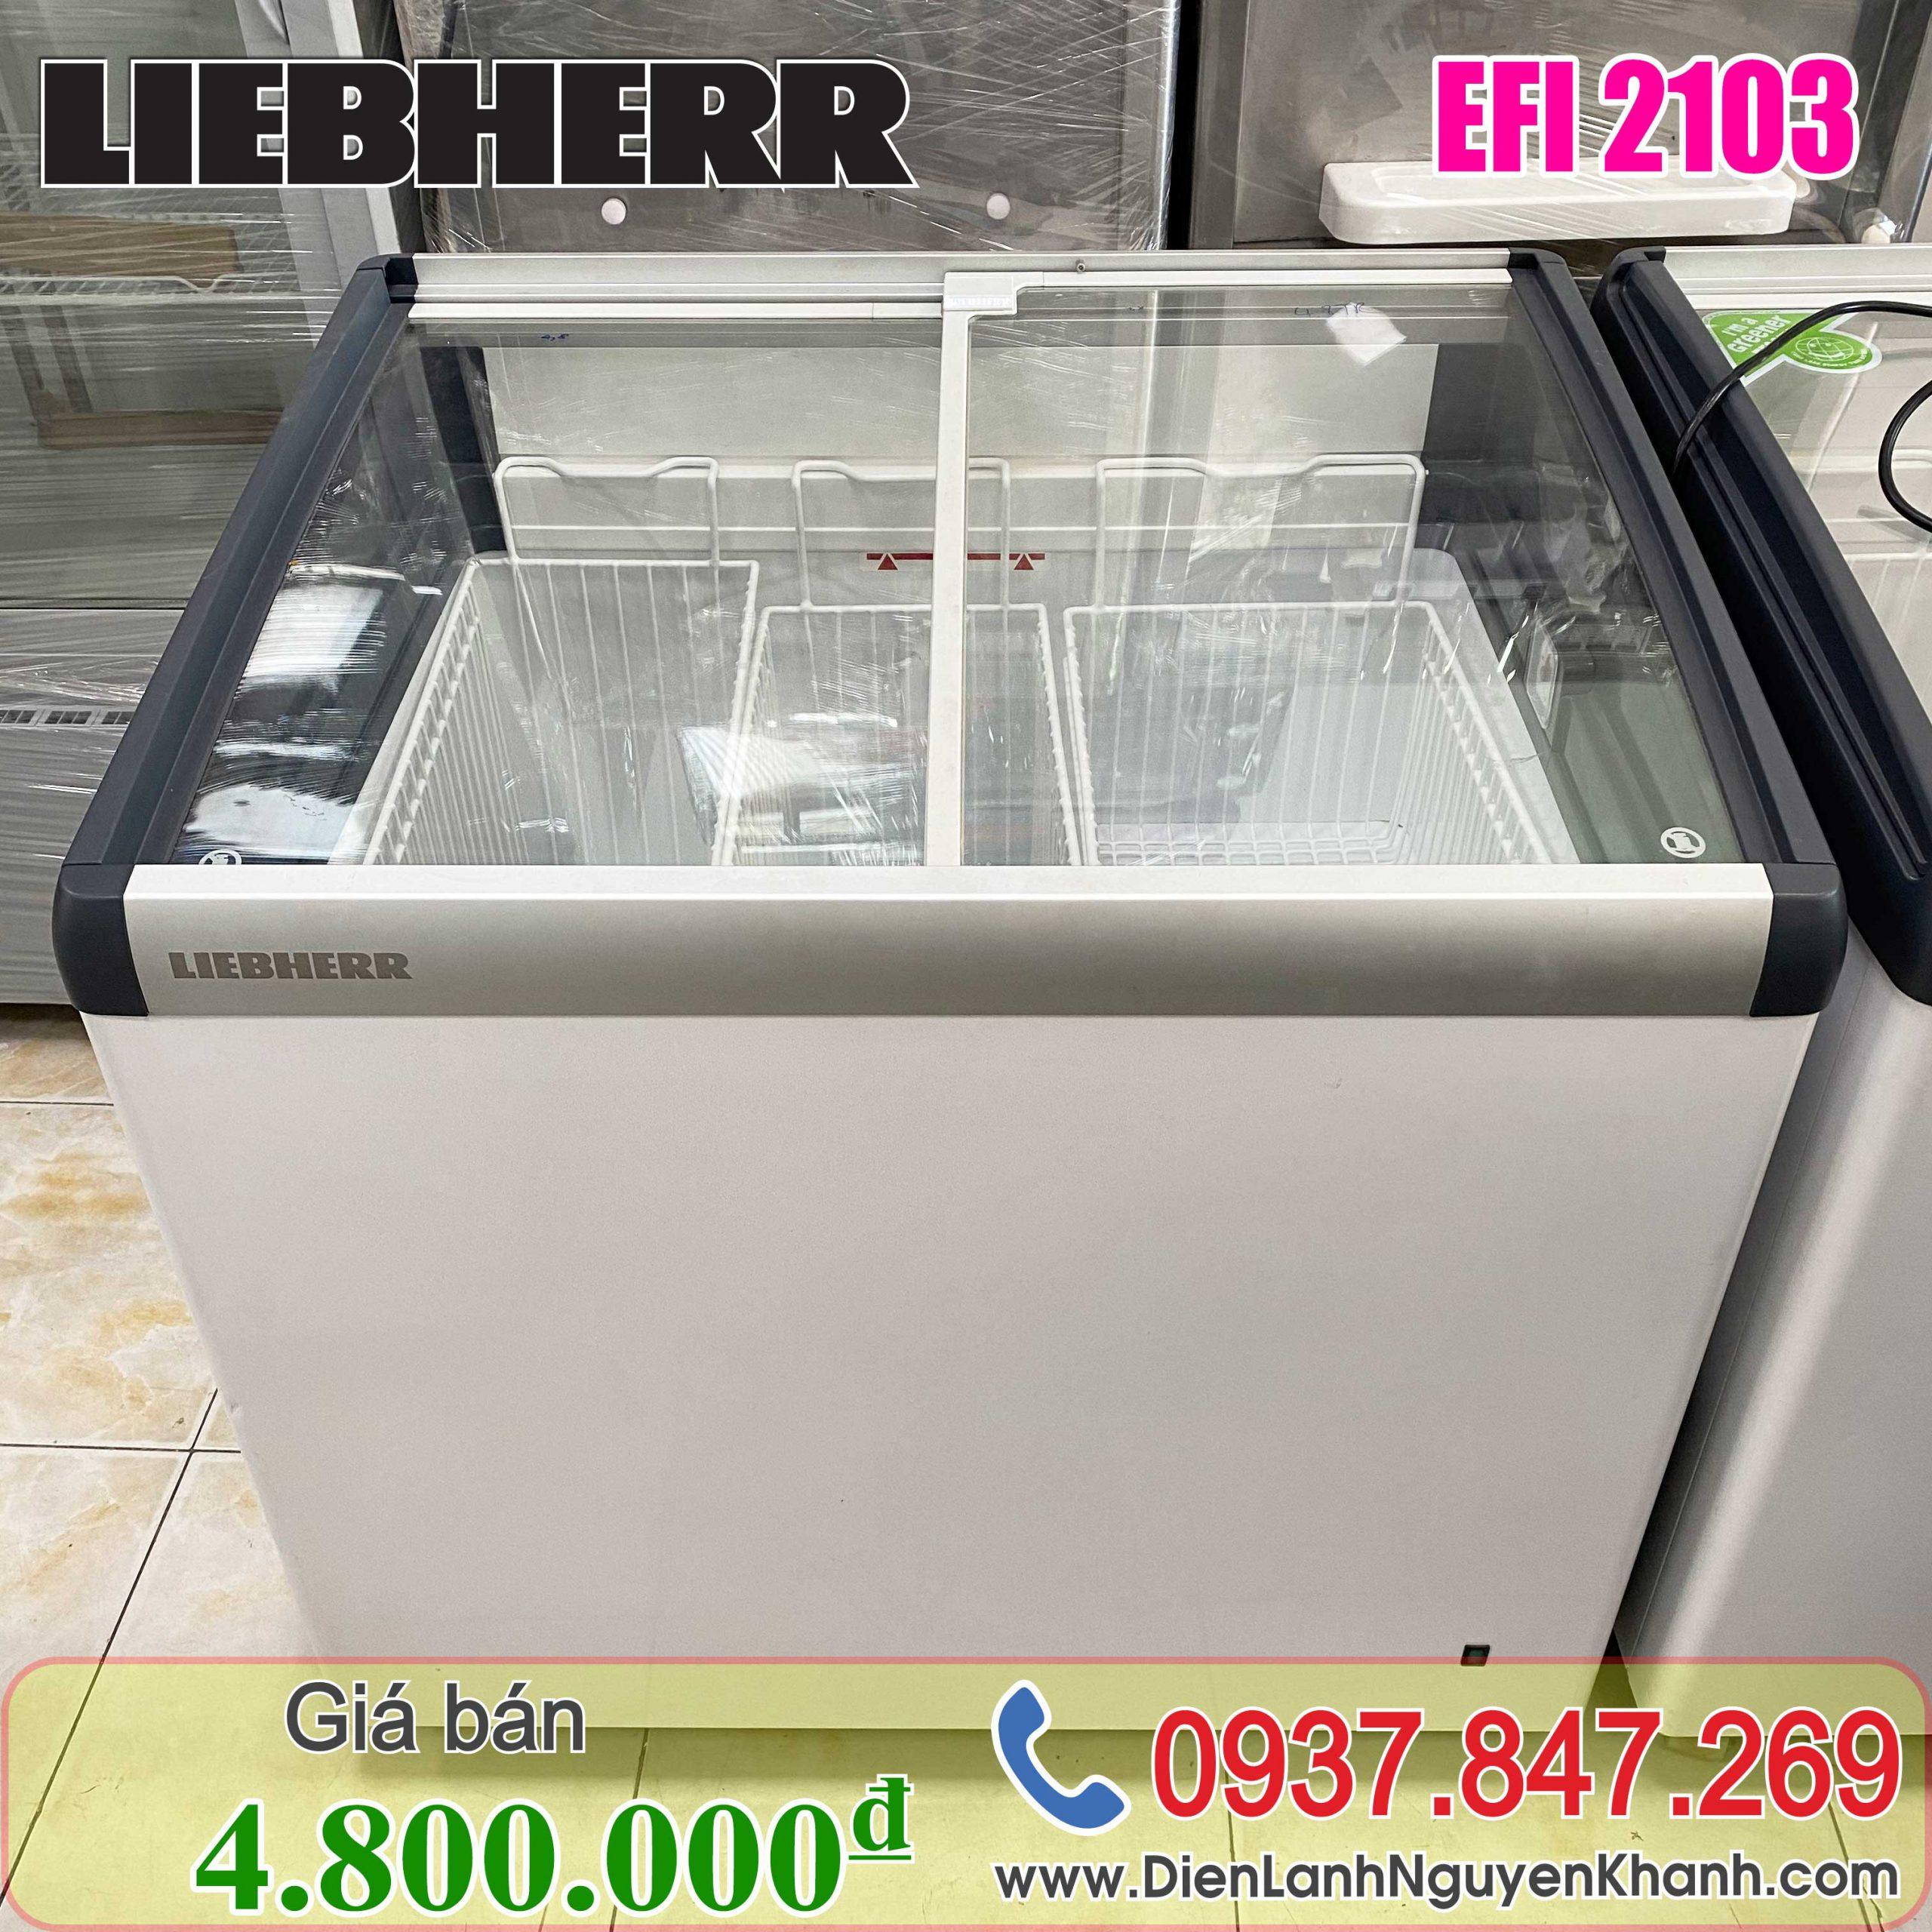 Tủ đông Liebherr EFI-2103 206 lít